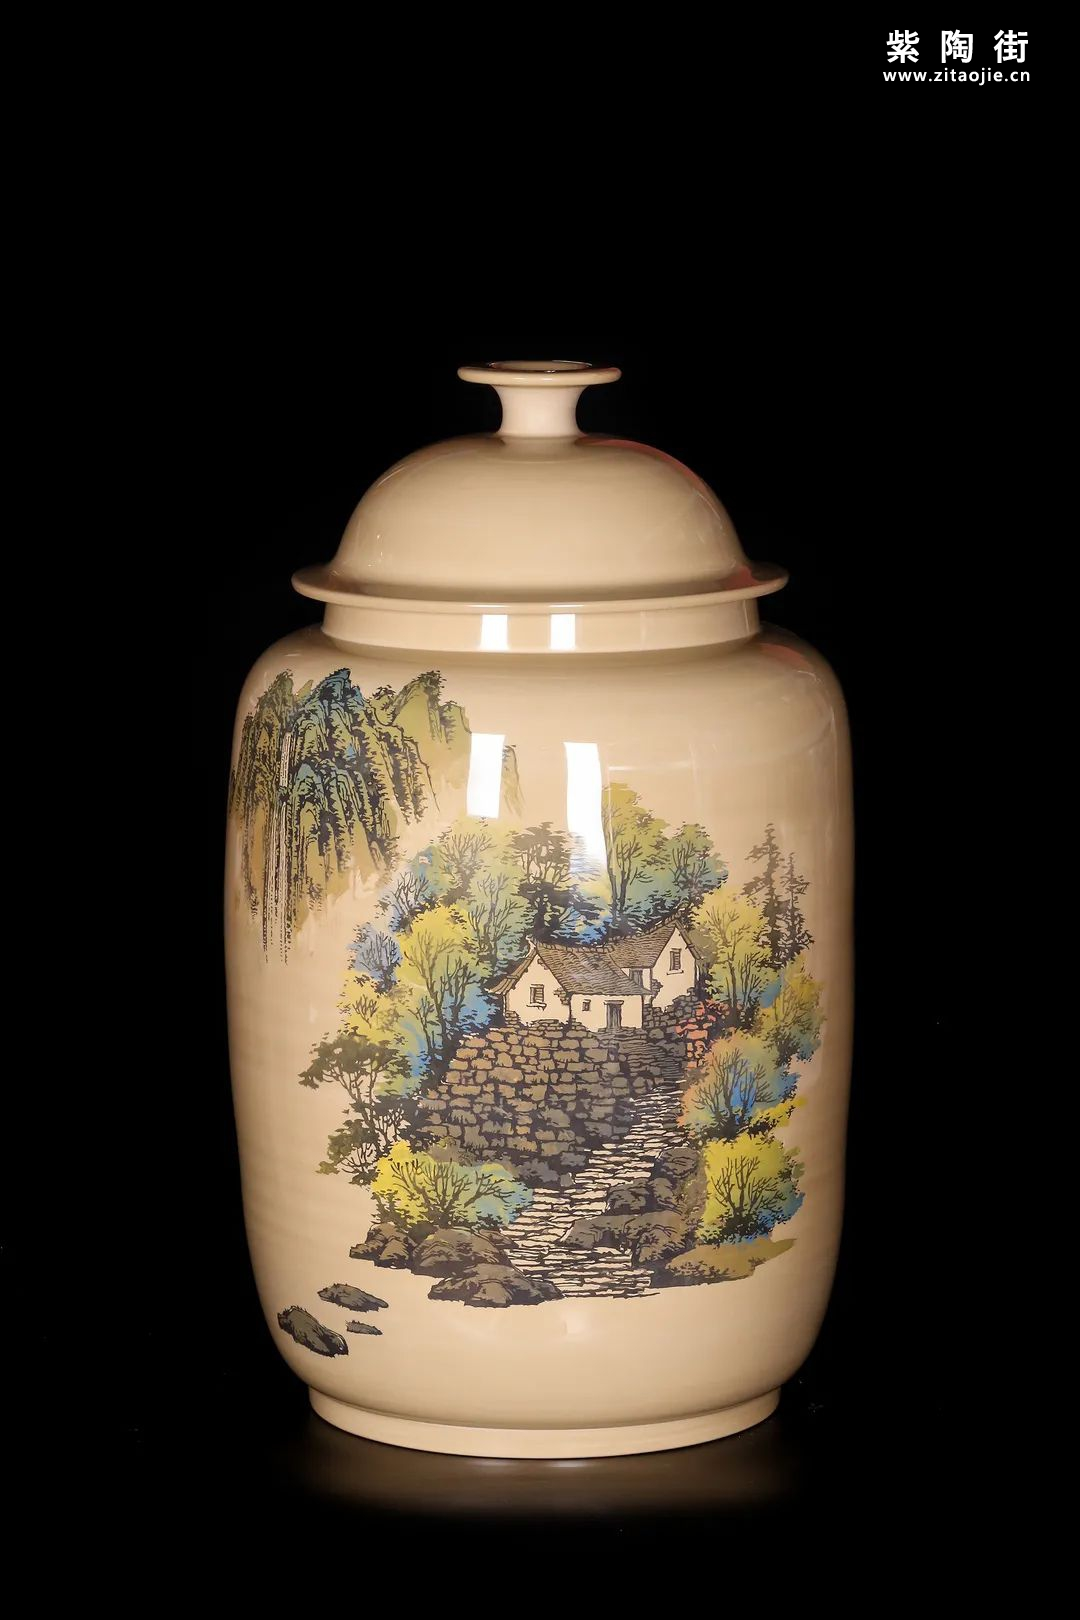 廖建忠、廖渊涵的青绿山水装饰紫陶缸插图6